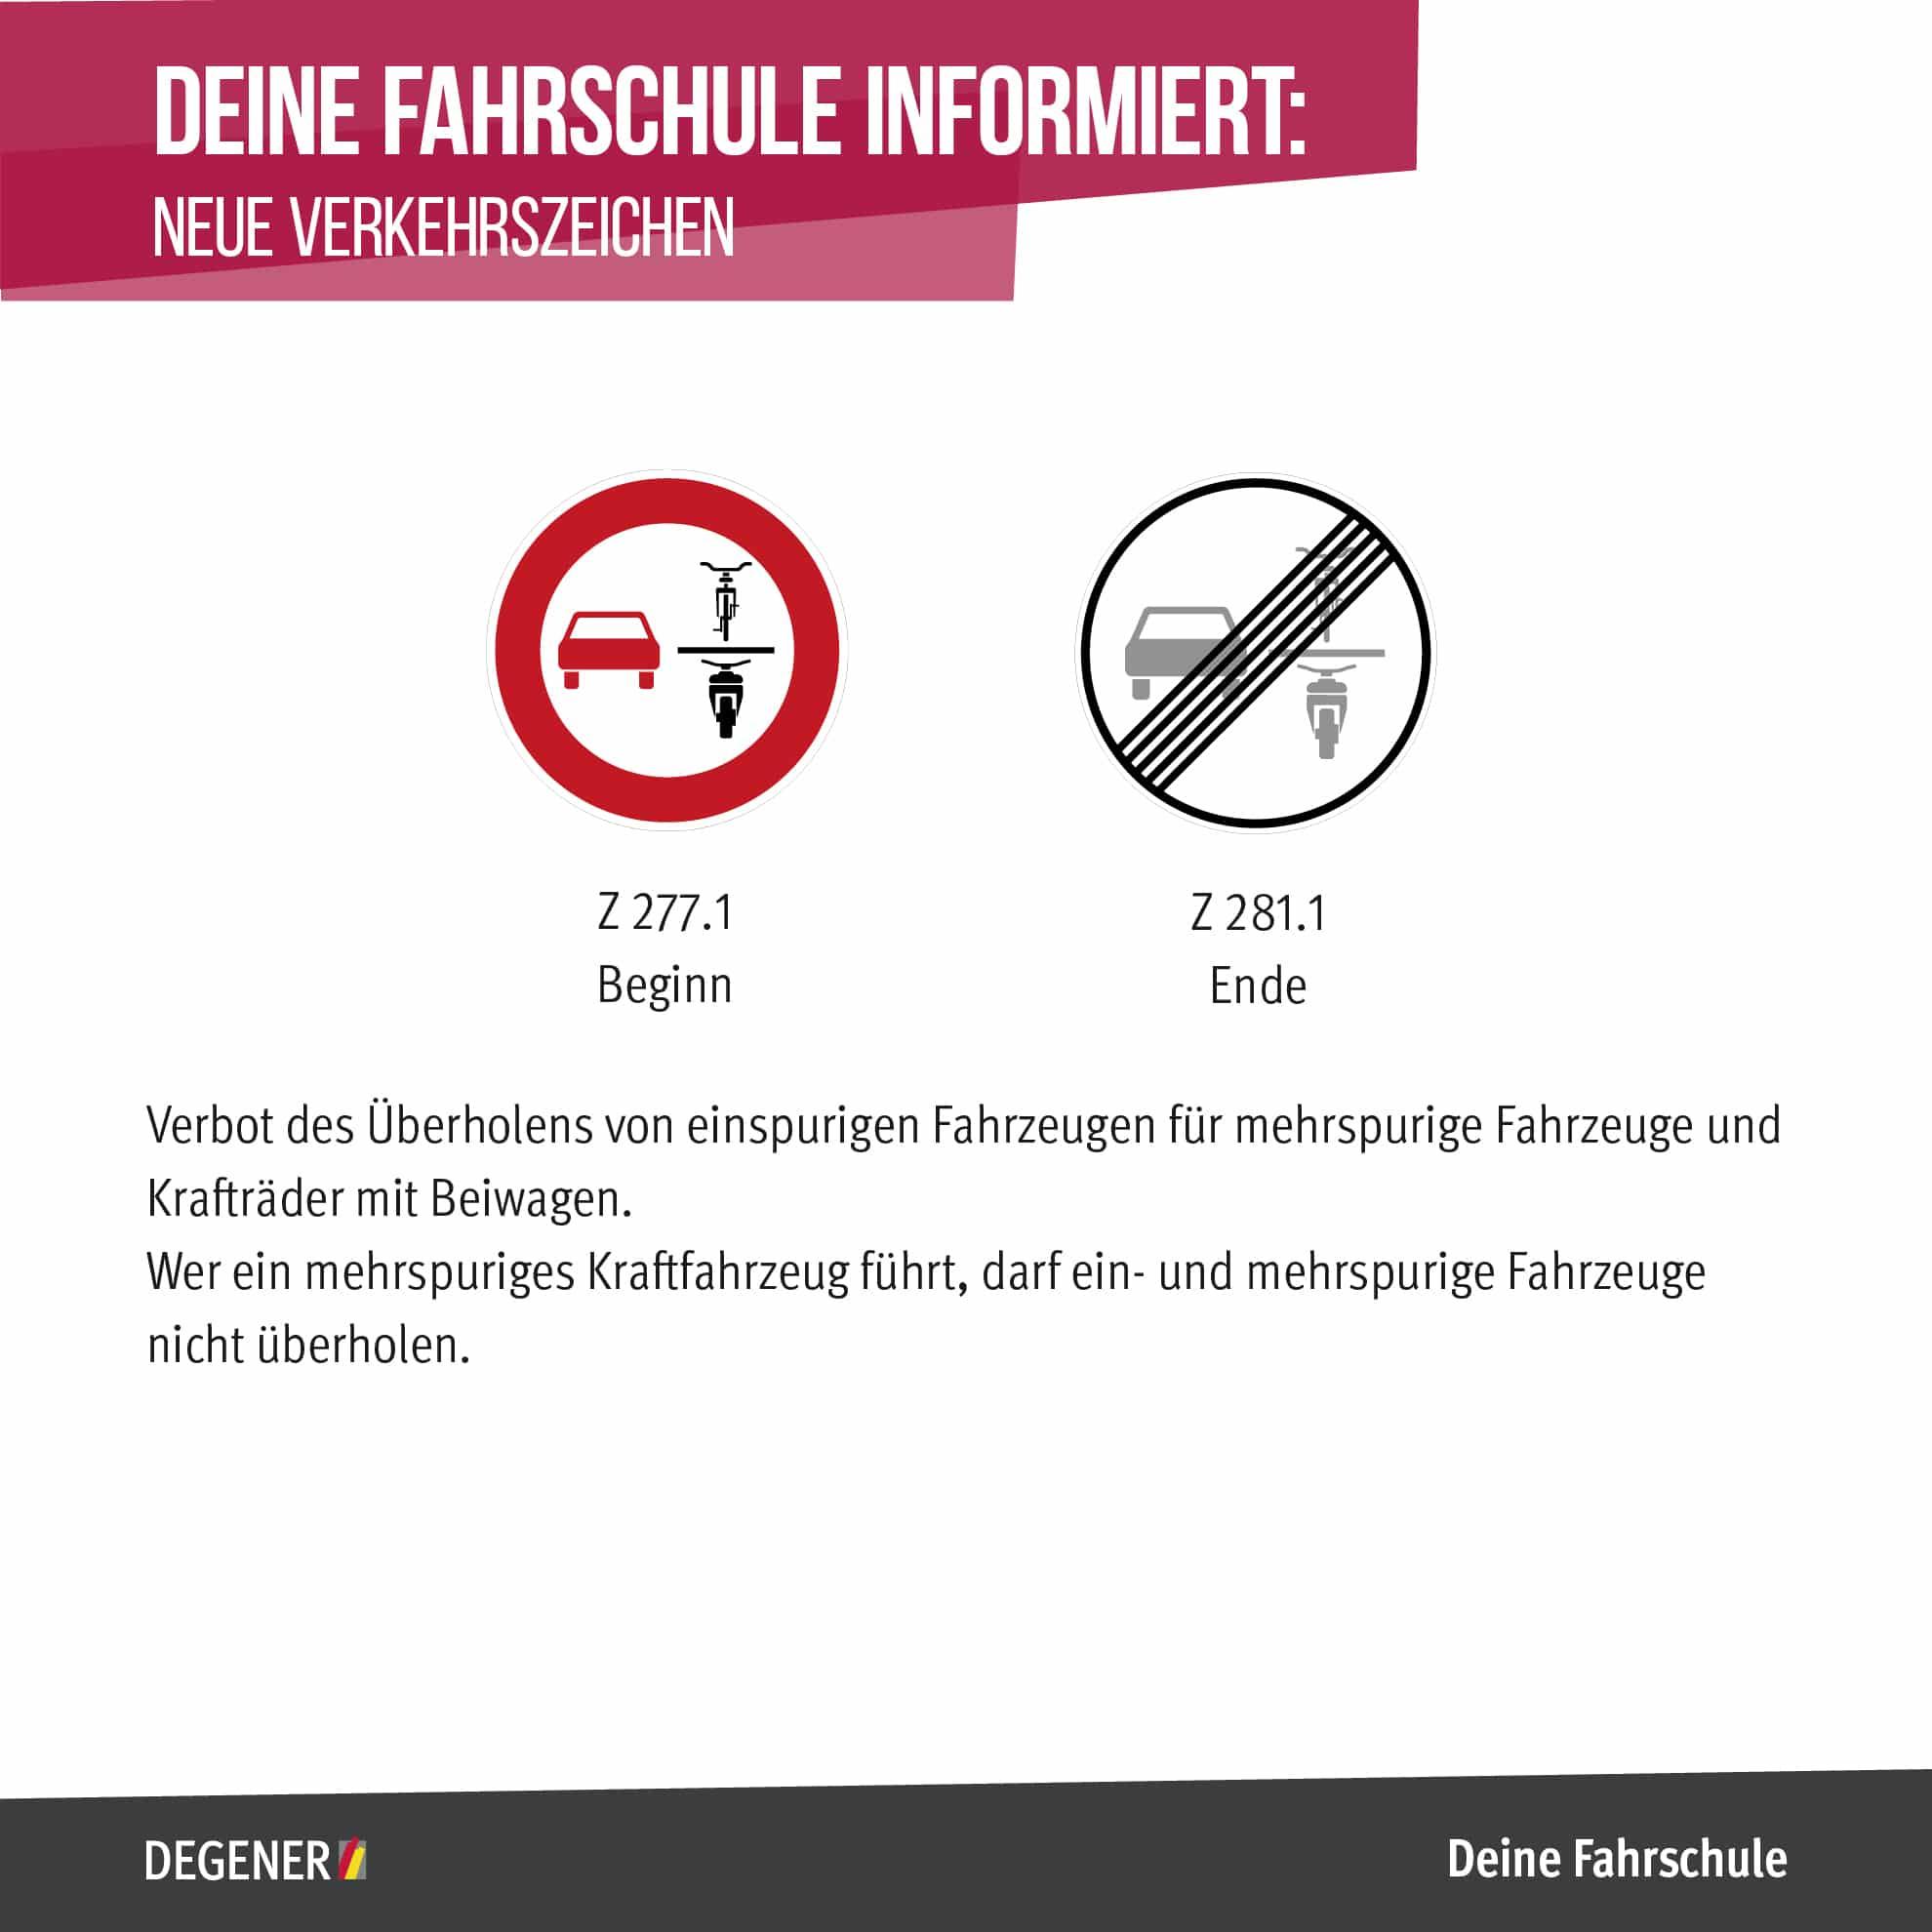 02_Deine-FS-informiert-neue-Verkehrszeichen